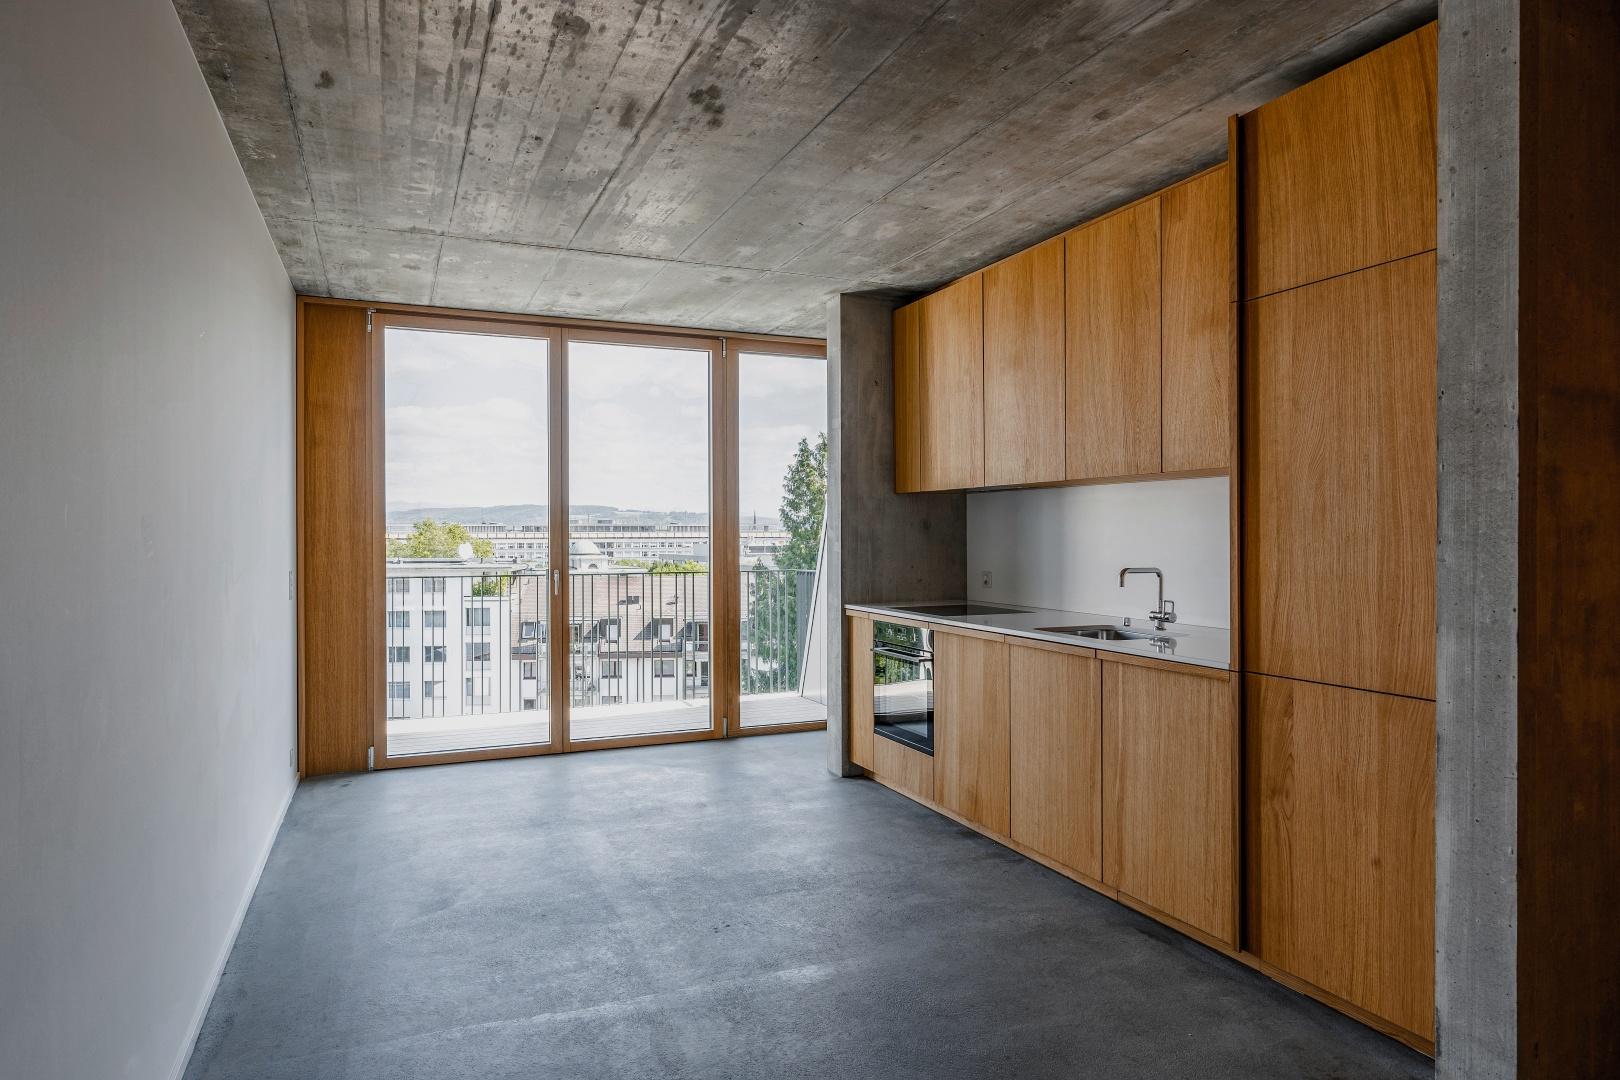 Küche:  Furnieroberflächen Eiche geölt © Boris Haberthuer